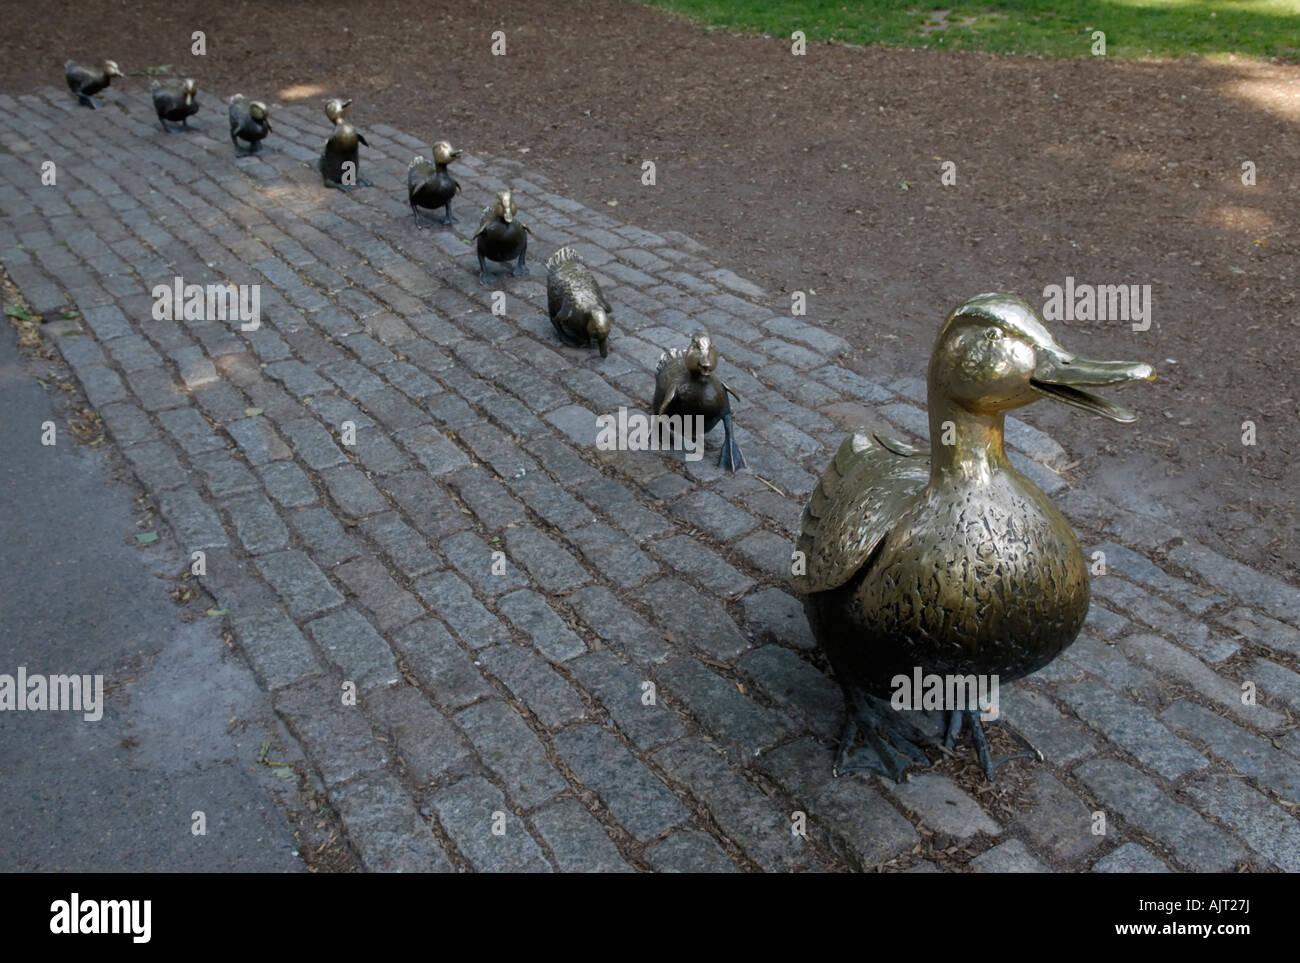 Estatuas de mamá pato y sus patitos de th Children's Book, 'Make camino de patitos', en el jardín Imagen De Stock